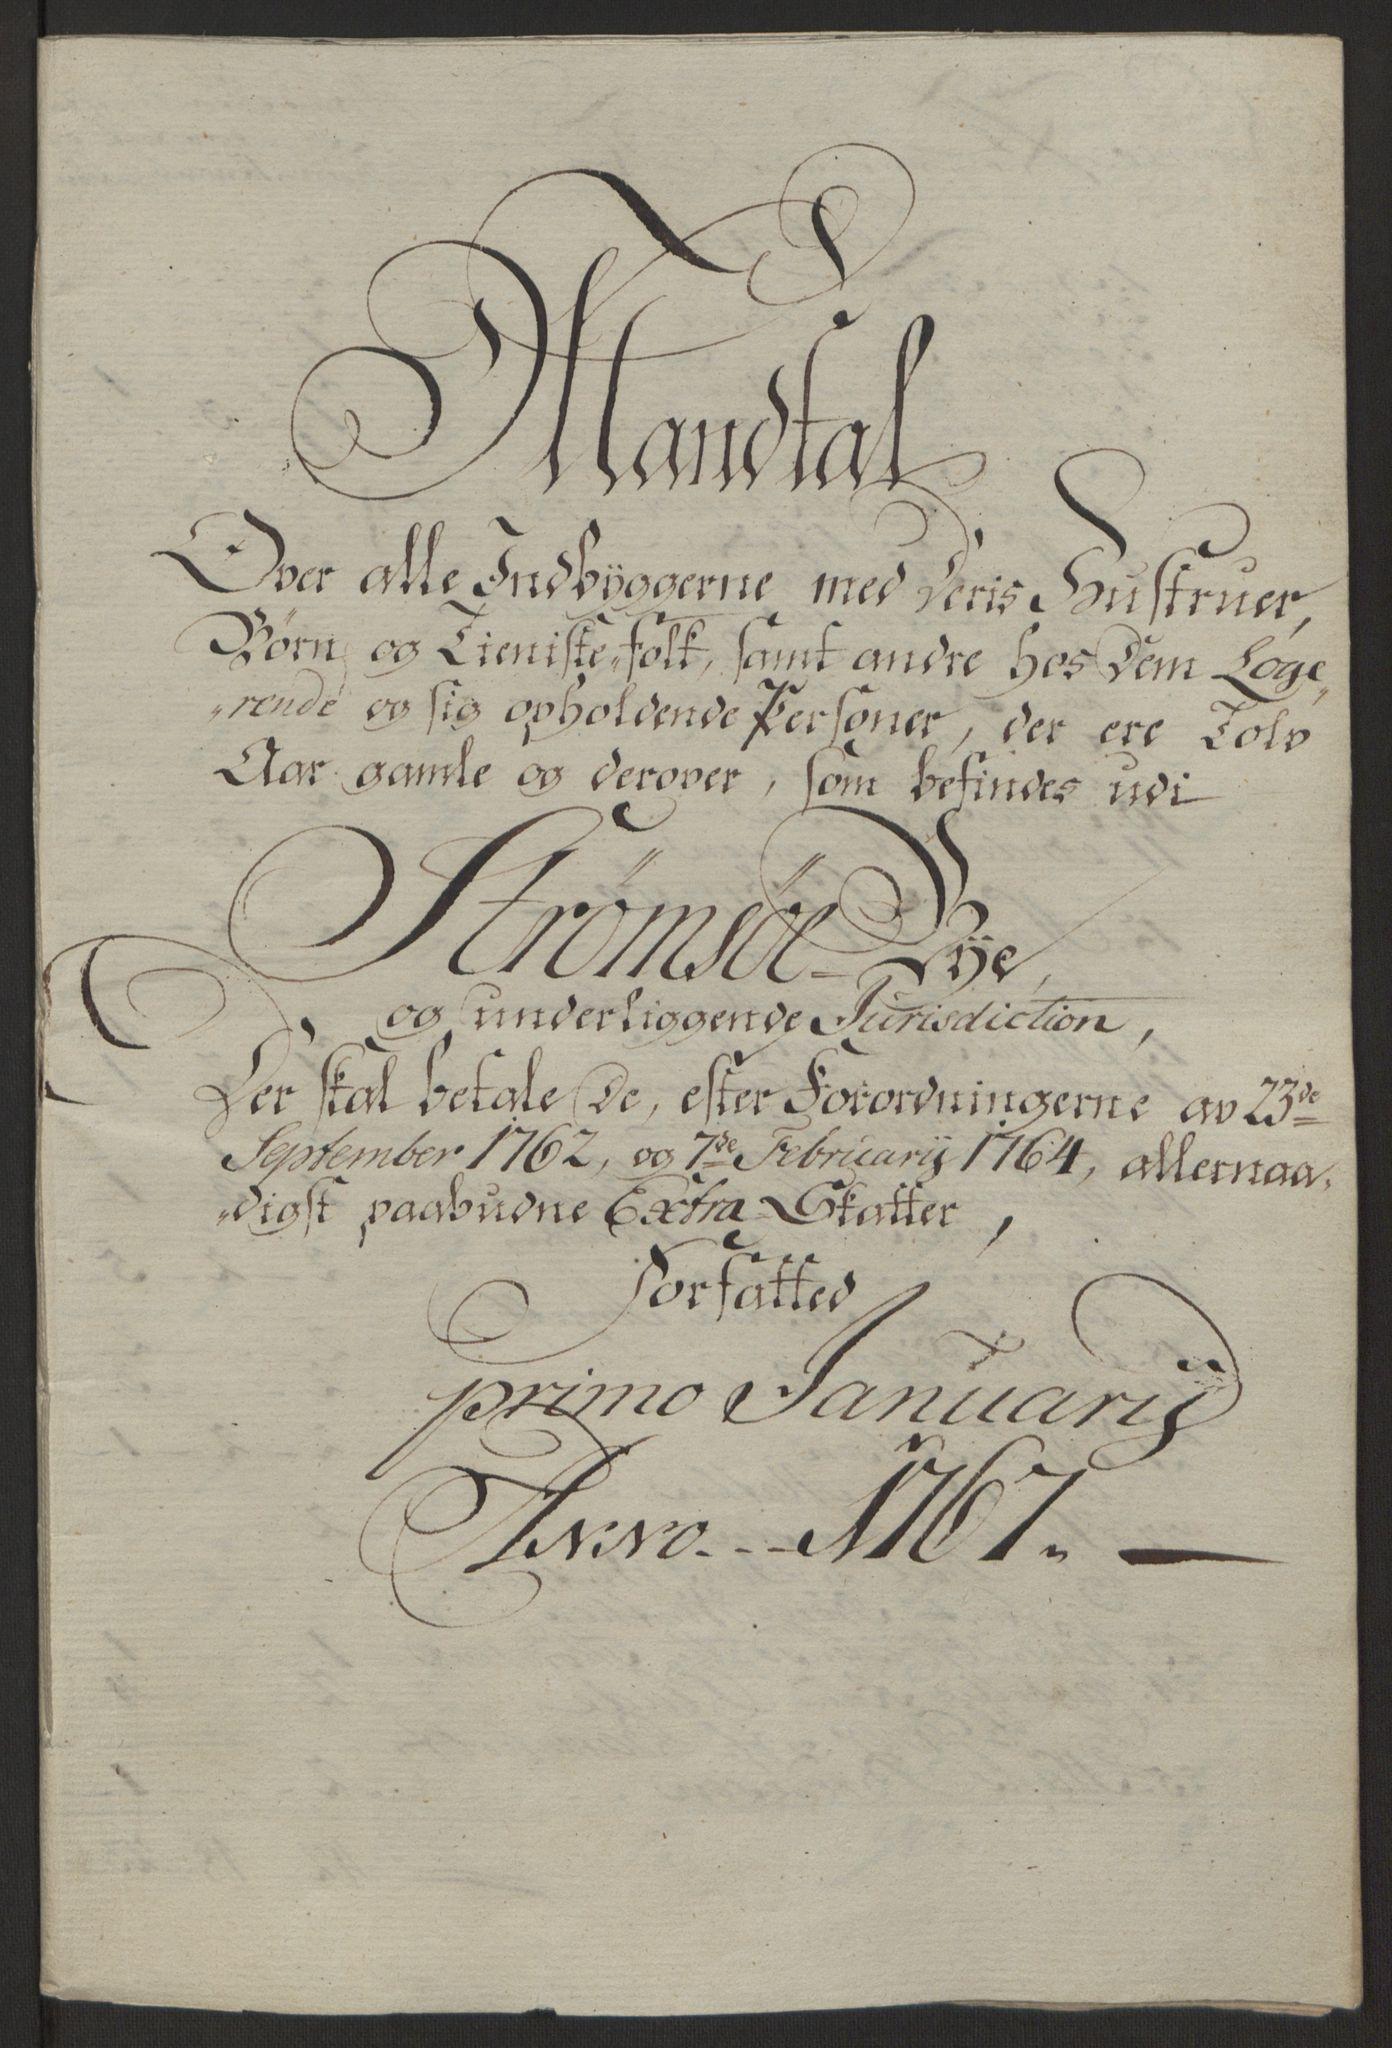 RA, Rentekammeret inntil 1814, Reviderte regnskaper, Byregnskaper, R/Rg/L0144: [G4] Kontribusjonsregnskap, 1762-1767, s. 492